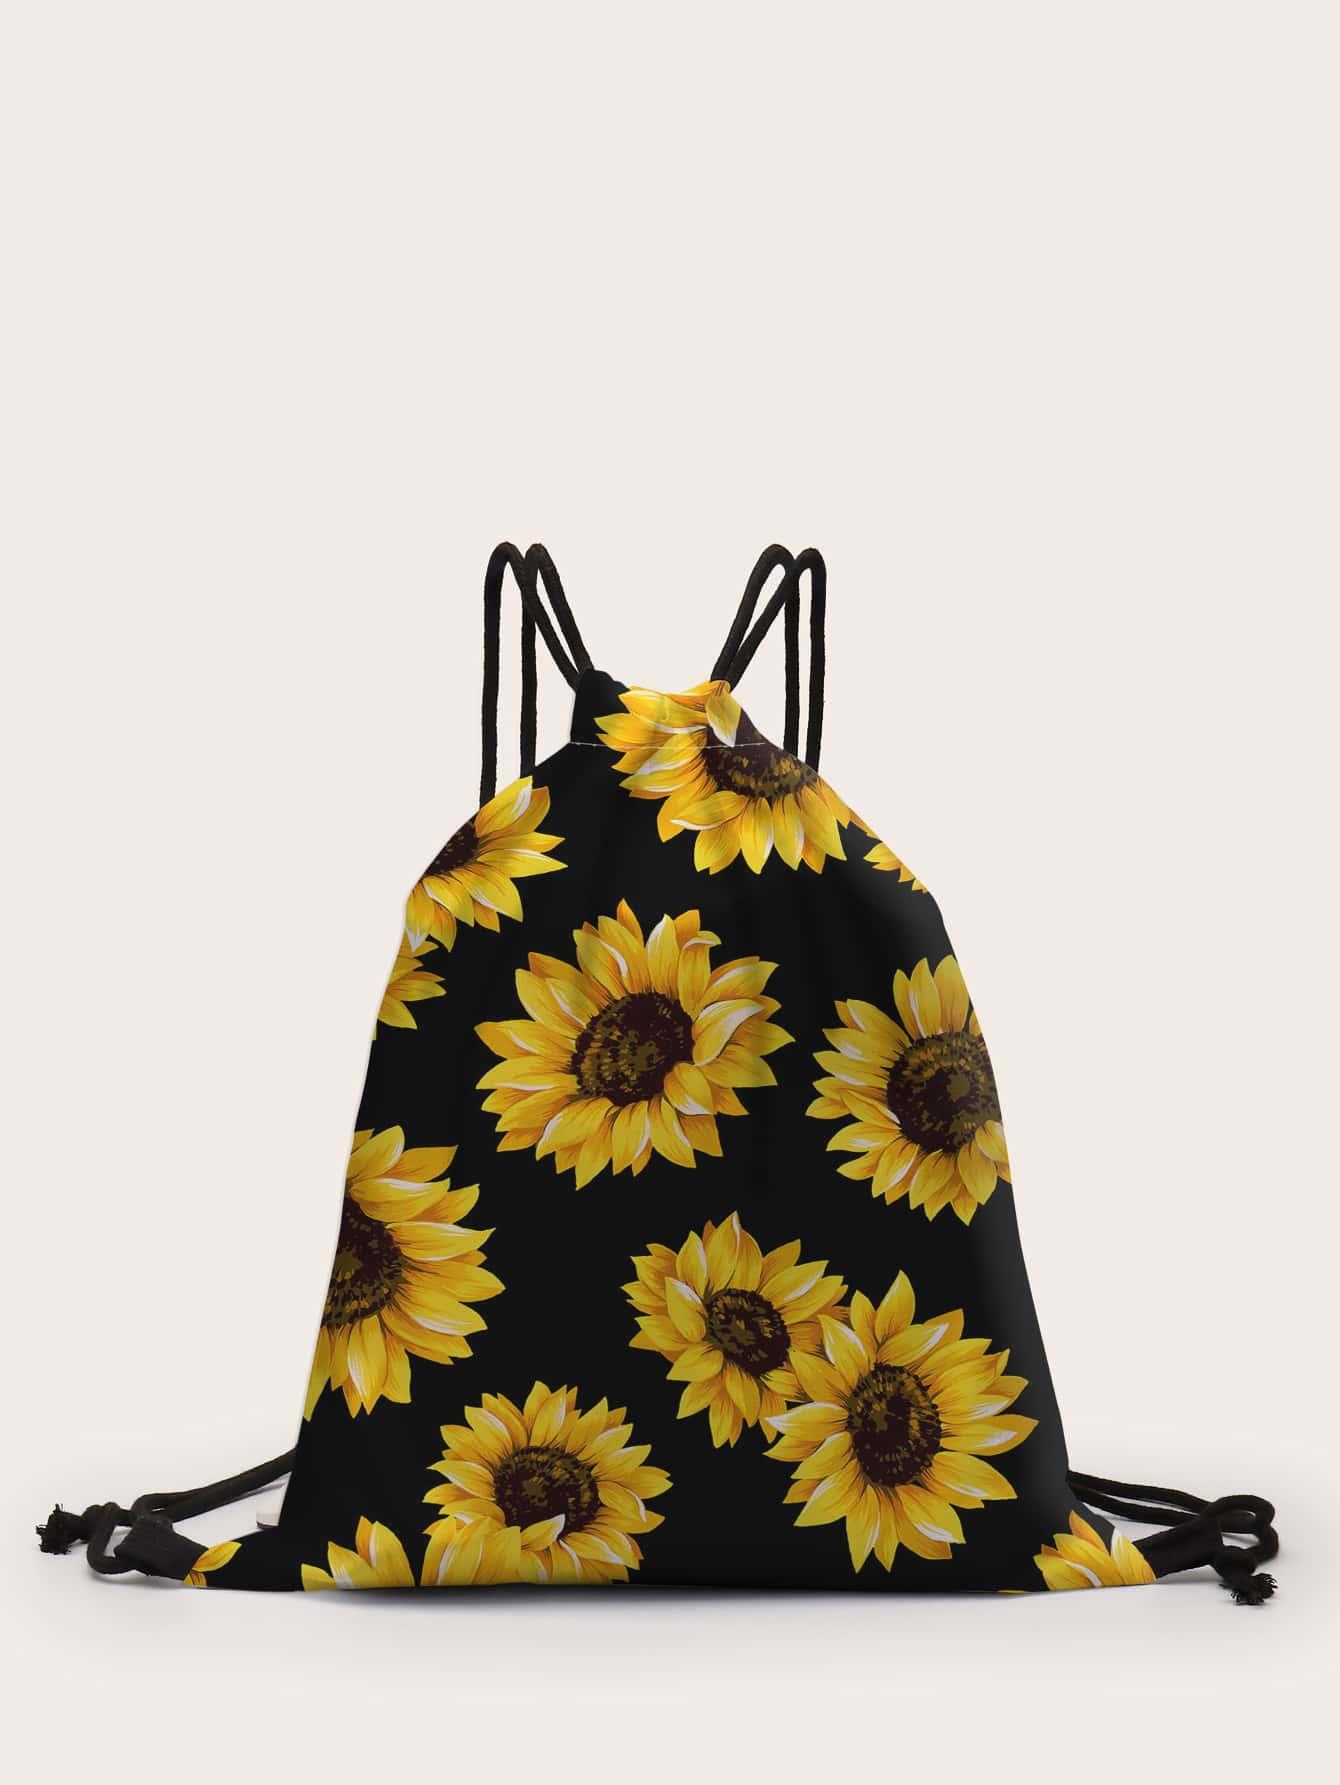 3D Sunflower Print Drawstring Backpack thumbnail